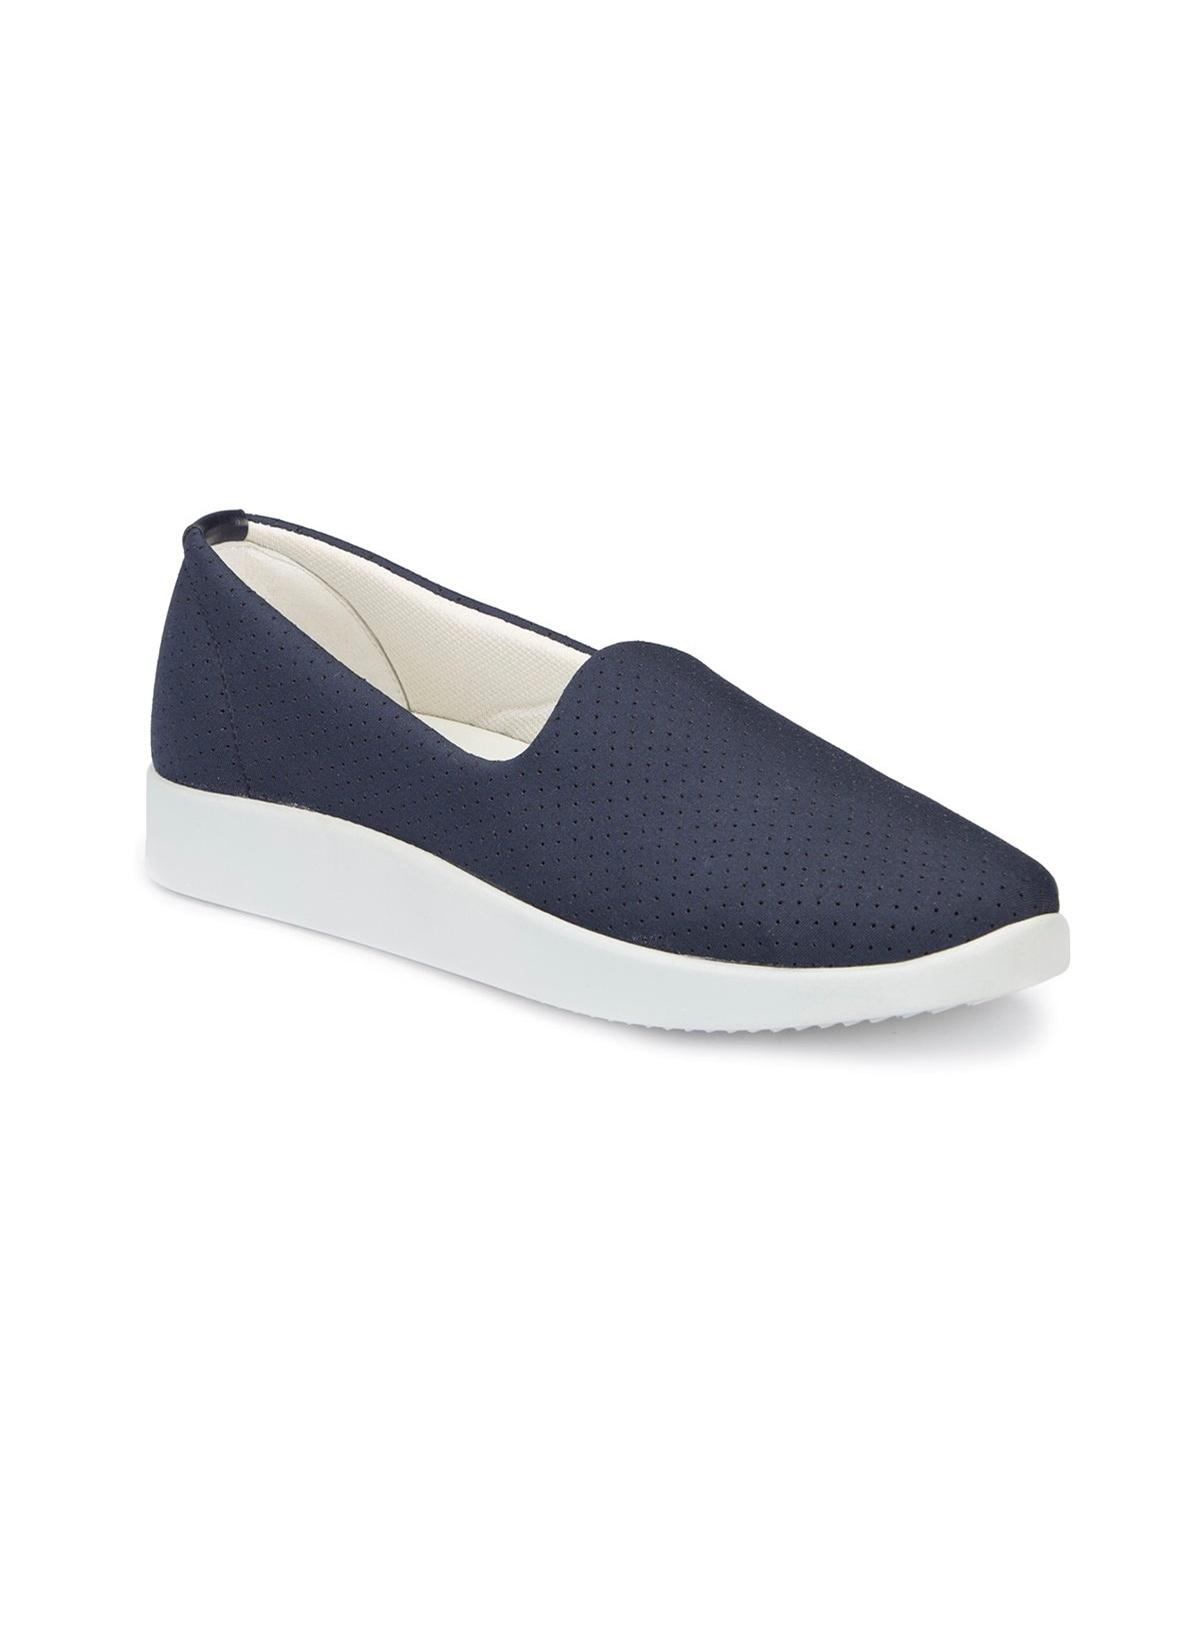 Polaris Ayakkabı 81.111260.z Basic Comfort – 74.99 TL